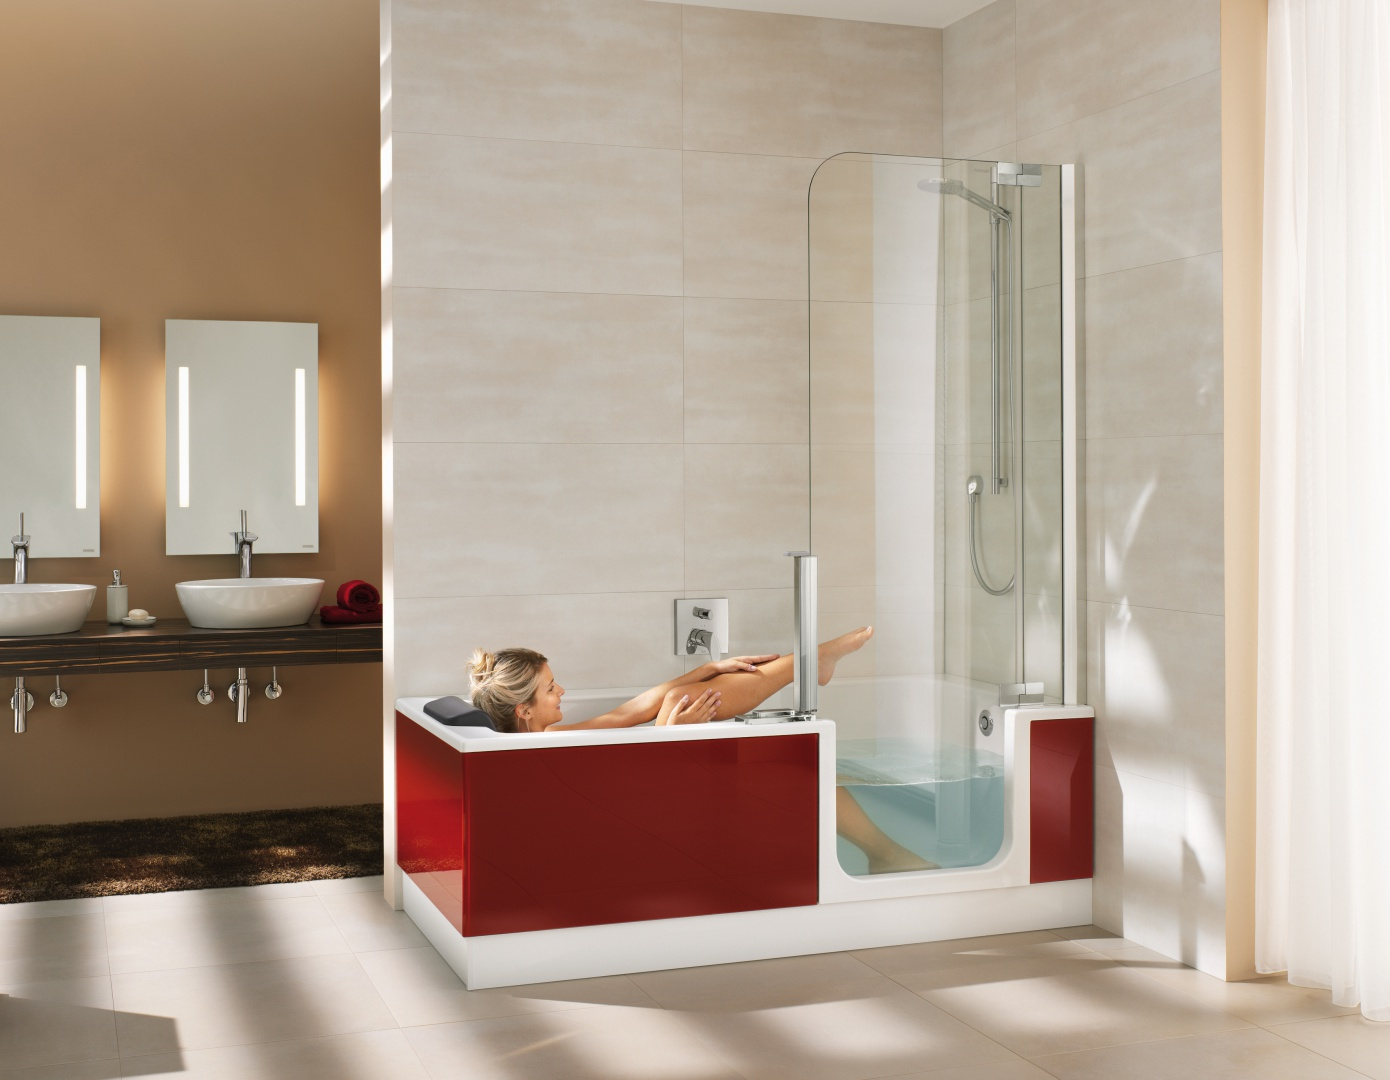 Ściana prysznica to także drzwi do wanny - wanno-kabina TwinLine firmy Artweger. Fot. Artweger.